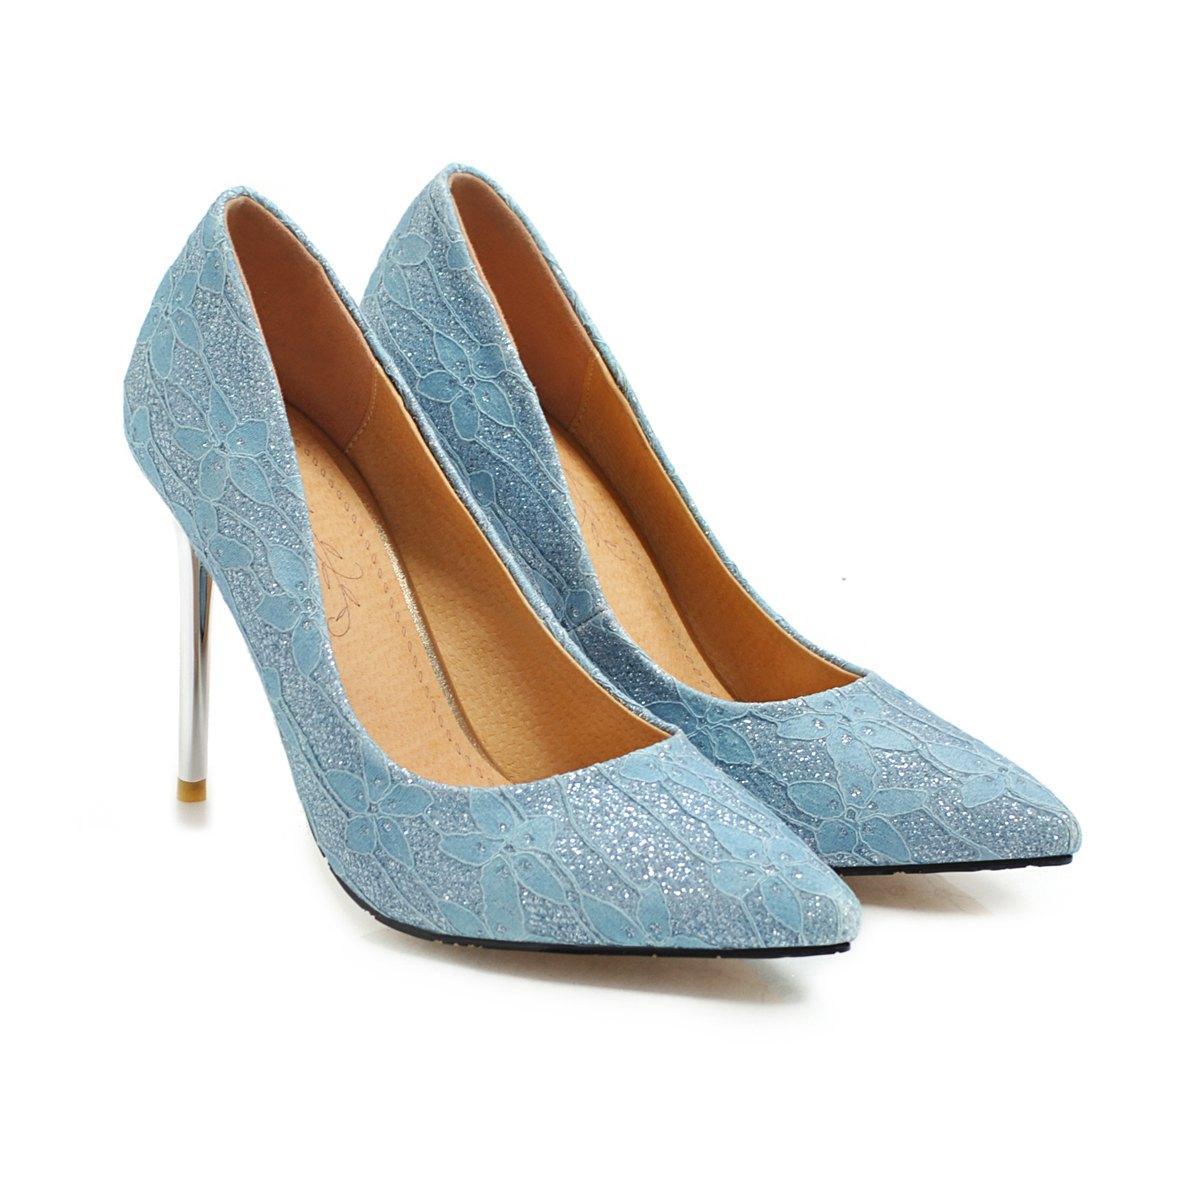 Gros Sexy Stiletto Heel Sequins Tissu Toe Pointu Femmes Pompes 100mm Mode Talons Hauts Chaussures pour Femmes Bureau Habillées Chaussures De Grande Taille